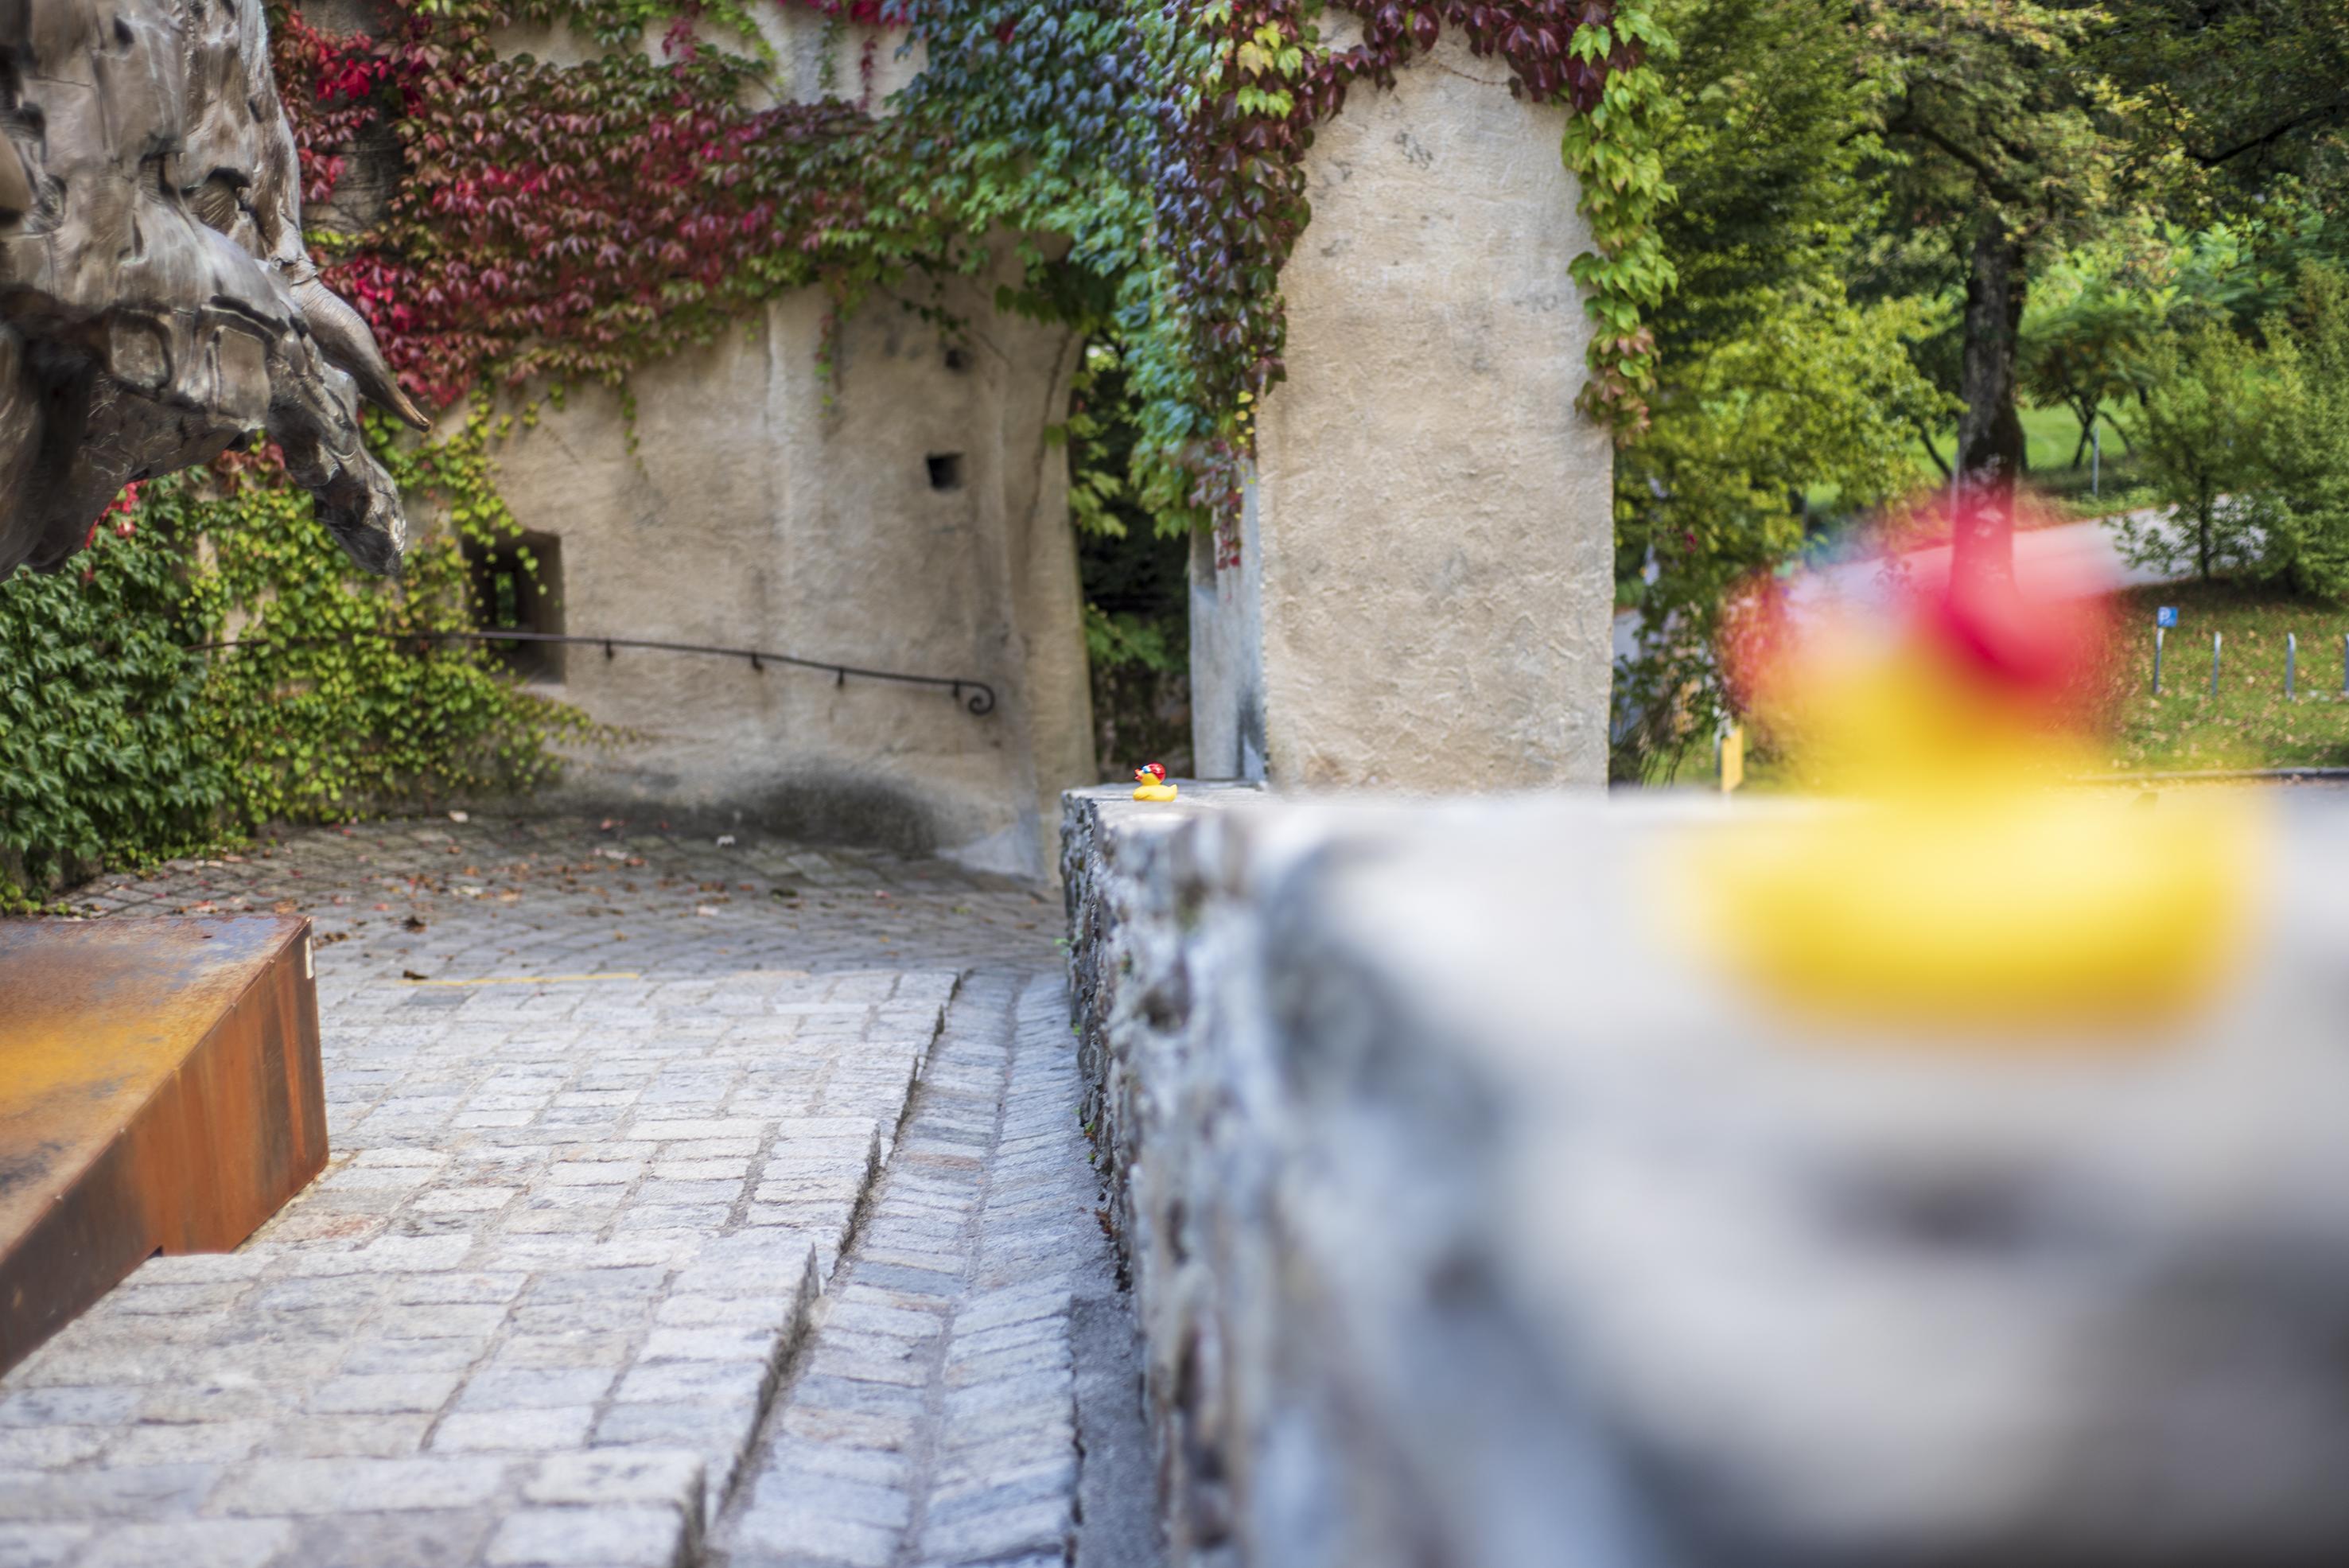 schmetterer-SchlossBruck 10_c-AE